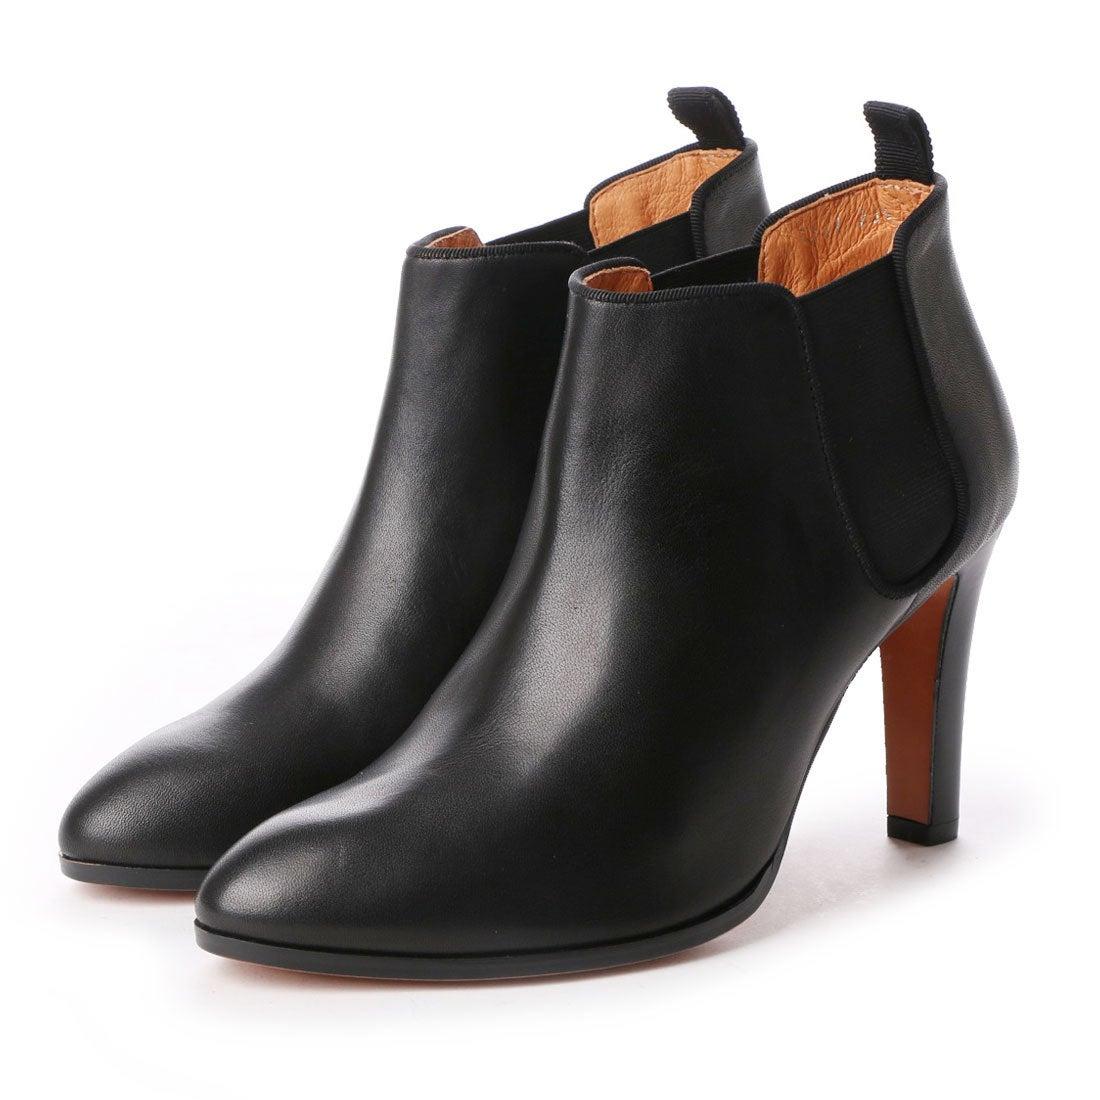 ランバン オン ブルー LANVIN en Bleu サイドゴアショートブーツ (ブラック) ,靴とファッションの通販サイト ロコンド